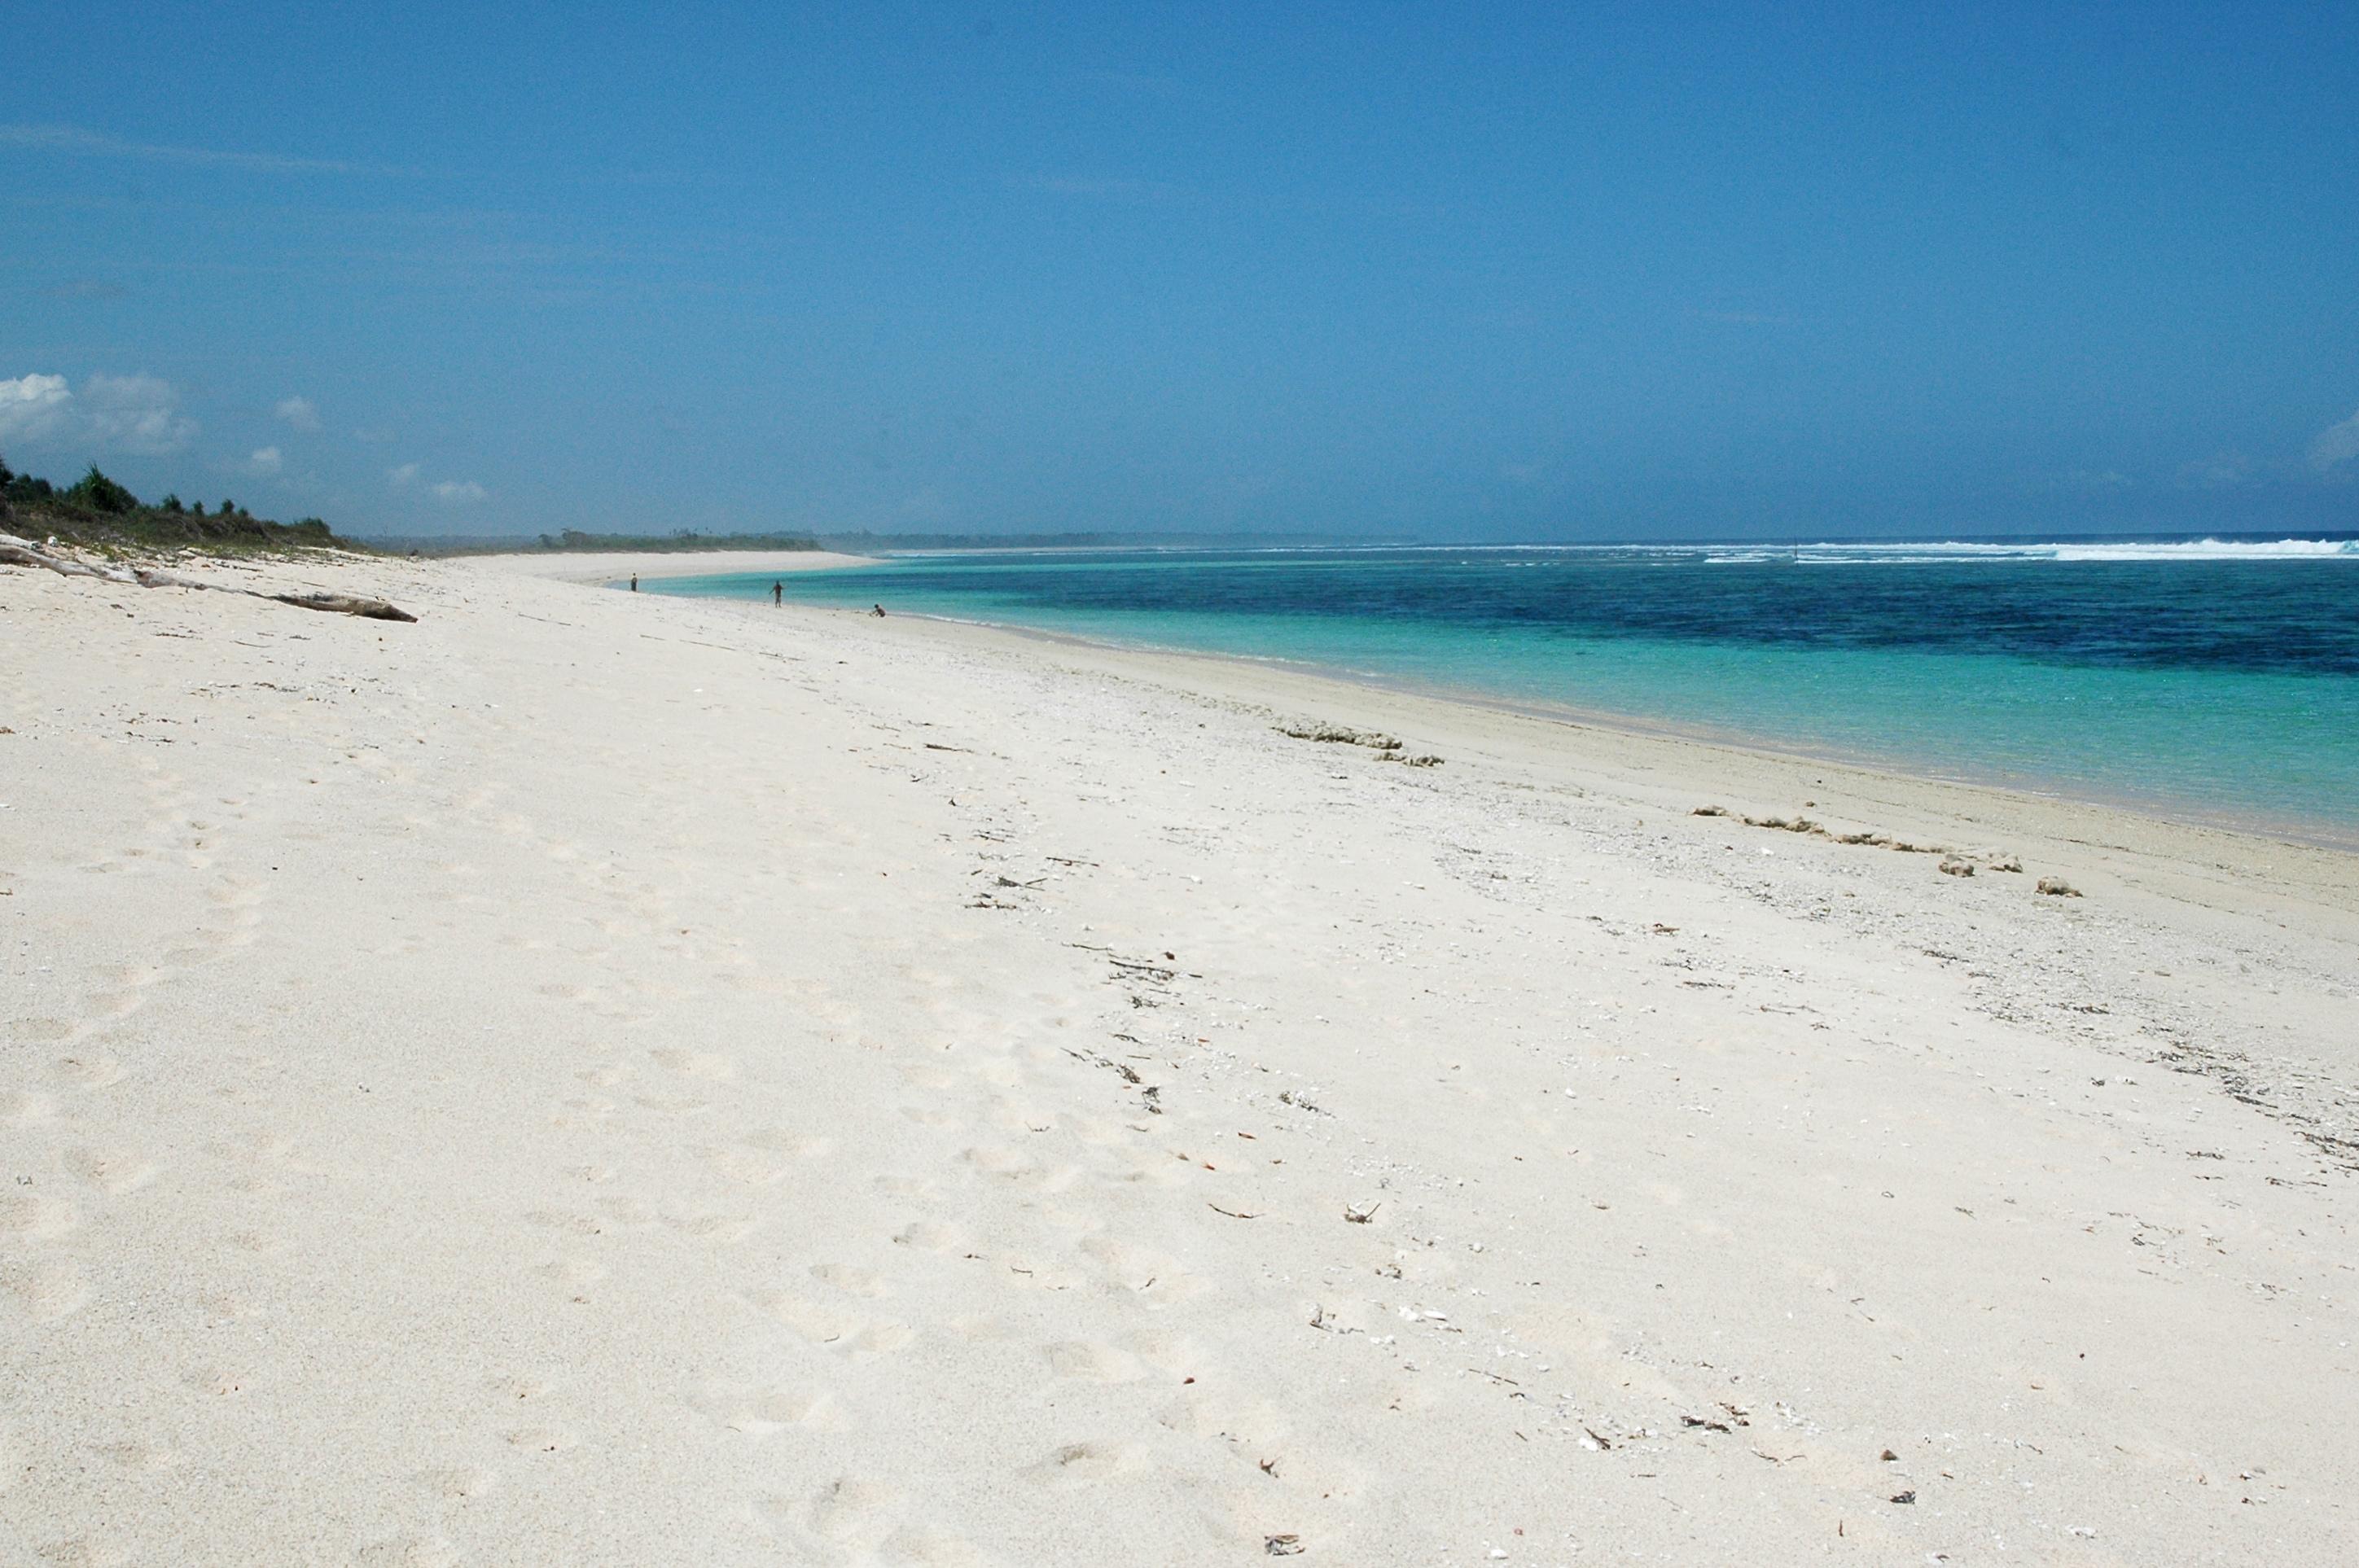 Sumba Beaches